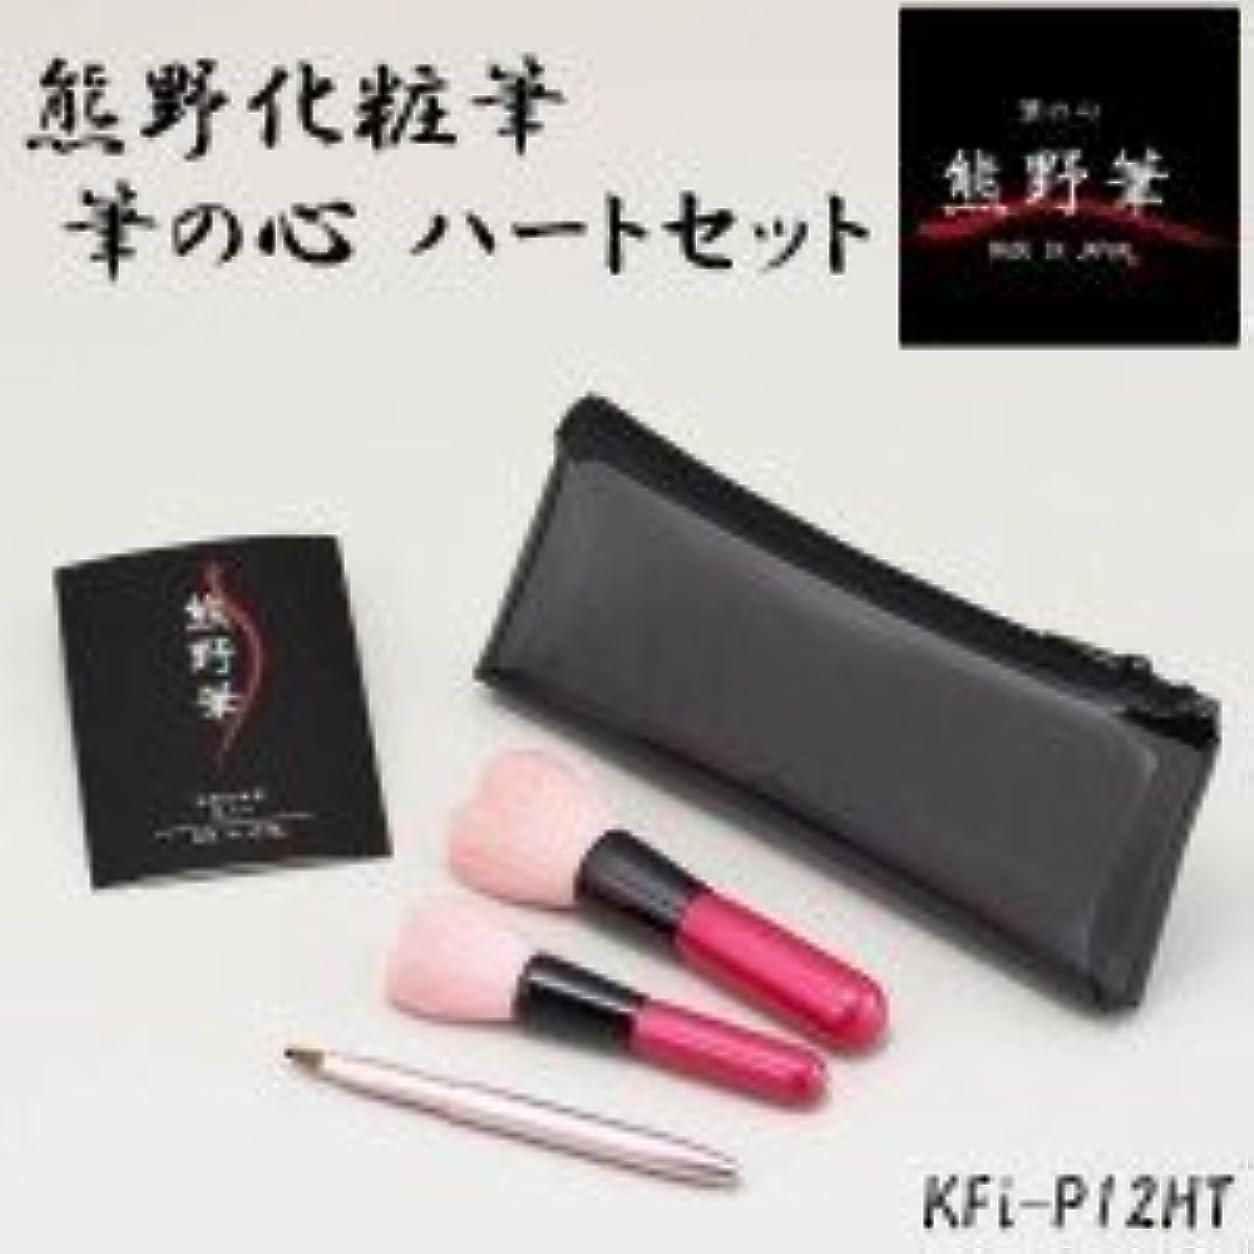 市民権接続ガイドゼニス 熊野化粧筆 筆の心 ハートセット